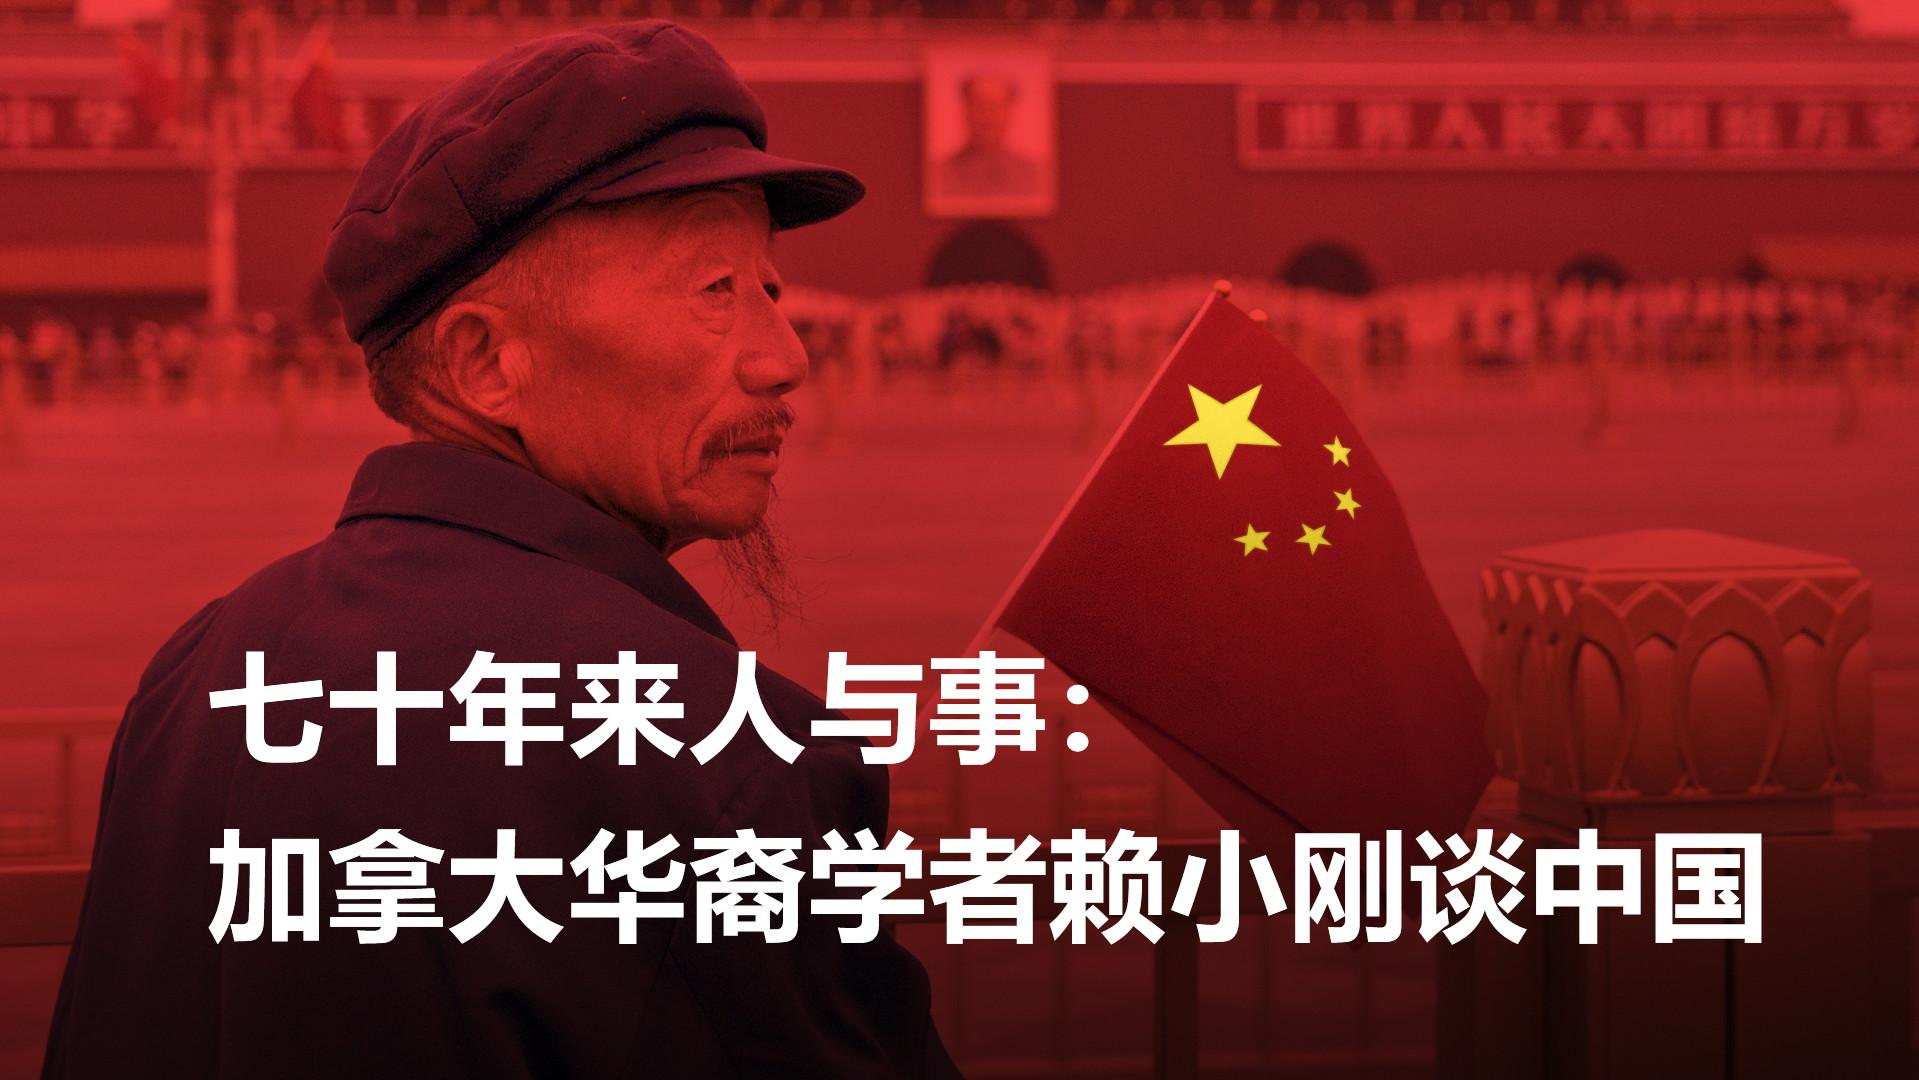 """el texto """"七 十年 来人 与 事 : 加拿大 华裔 学者 赖小刚 谈 中国"""" en blanco con una persona sosteniendo la bandera china como fondo rojo"""